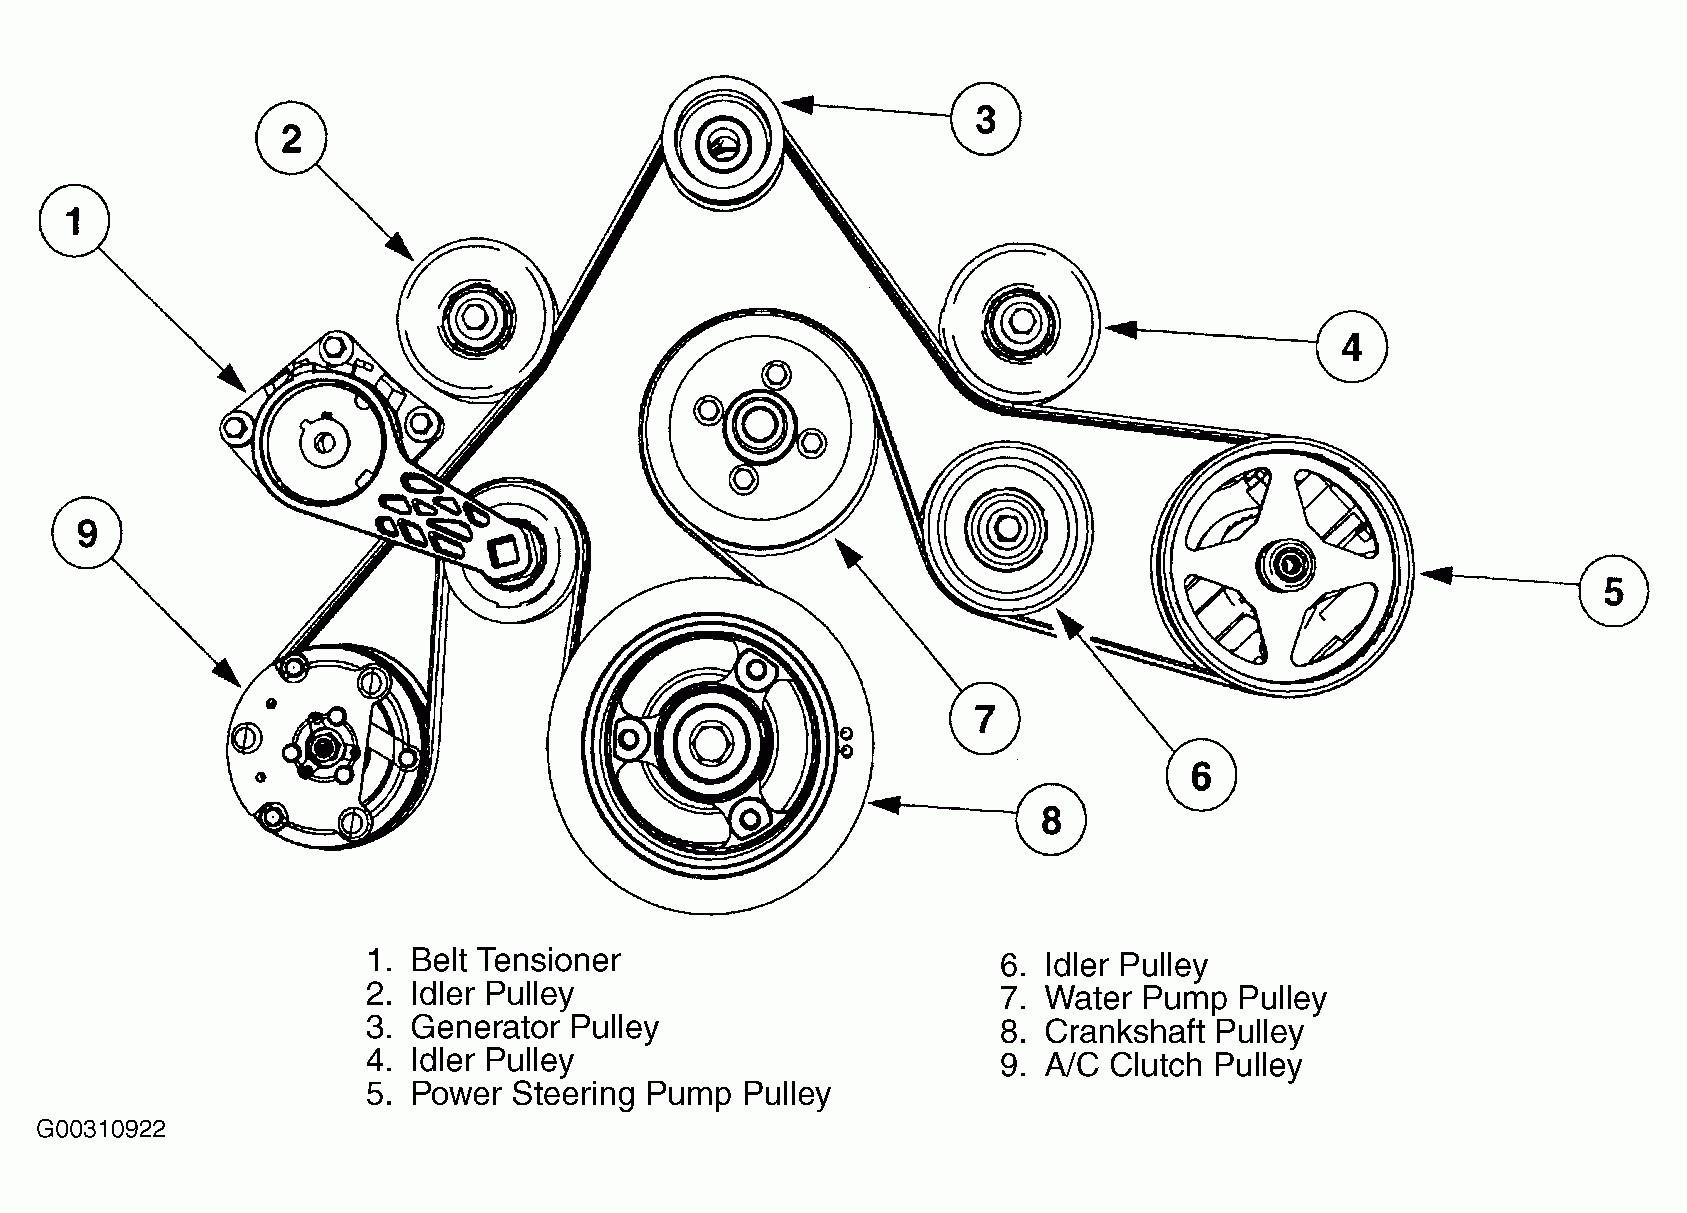 hight resolution of 96 jeep cherokee 5 2 engine diagram wiring diagram toolbox jeep 4 2 engine diagram